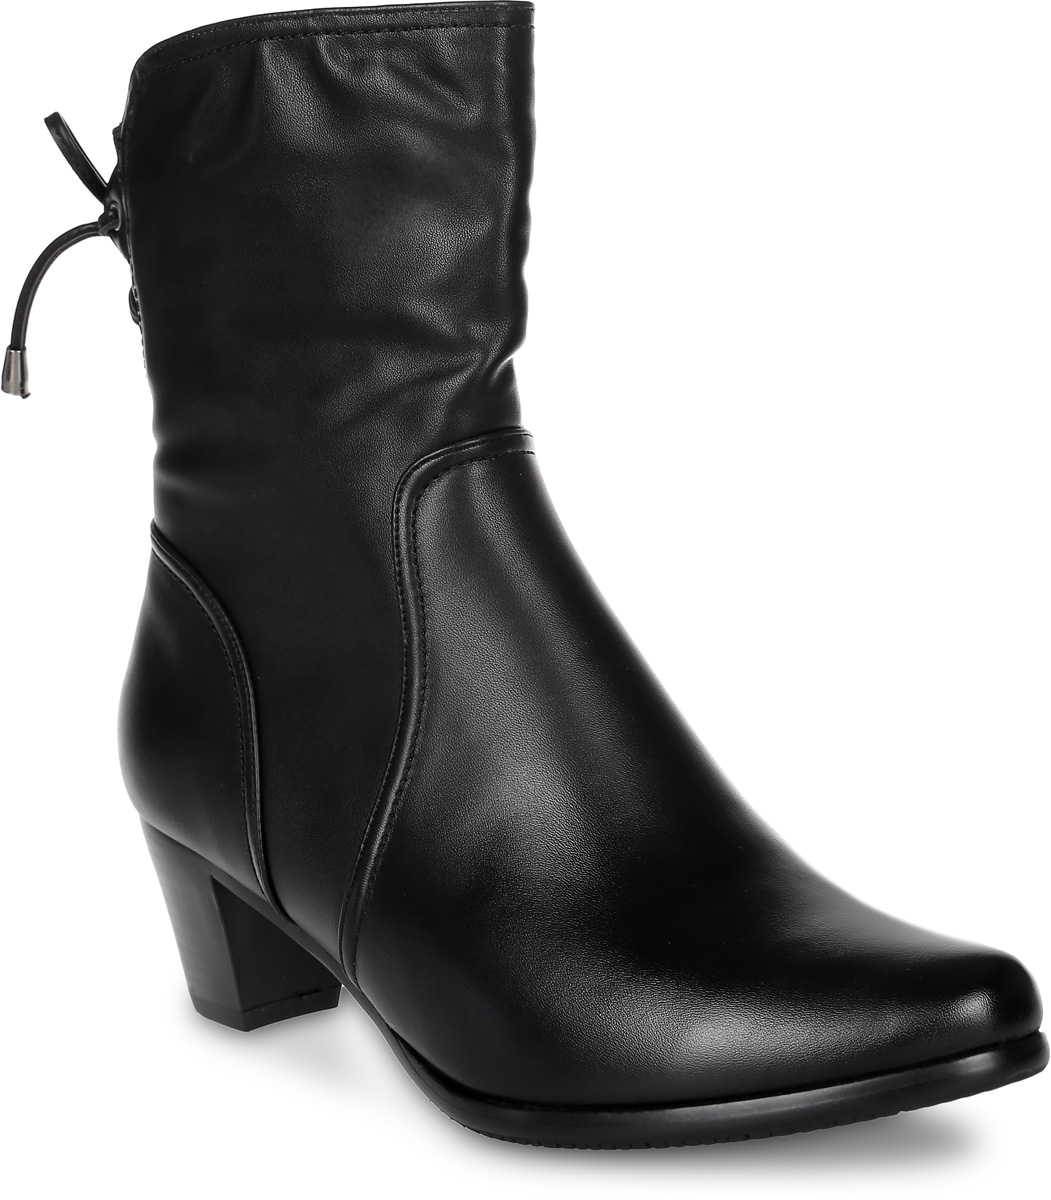 Полусапоги женские Avenir, цвет: черный. 2323-L63268B. Размер 382323-L63268BСтильные полусапоги от Avenir, выполненные из искусственной кожи, придутся вам по душе. Внутренняя поверхность и стелька из байки сохранят тепло, обеспечат комфорт и уют вашим ногам. Задник, оформленный шнуровкой, надежно зафиксирует обувь на ноге. Подошва с рифлением гарантирует длительную носку и сцепление с любой поверхностью. Модные полусапоги отлично подойдут к любому вашему образу.